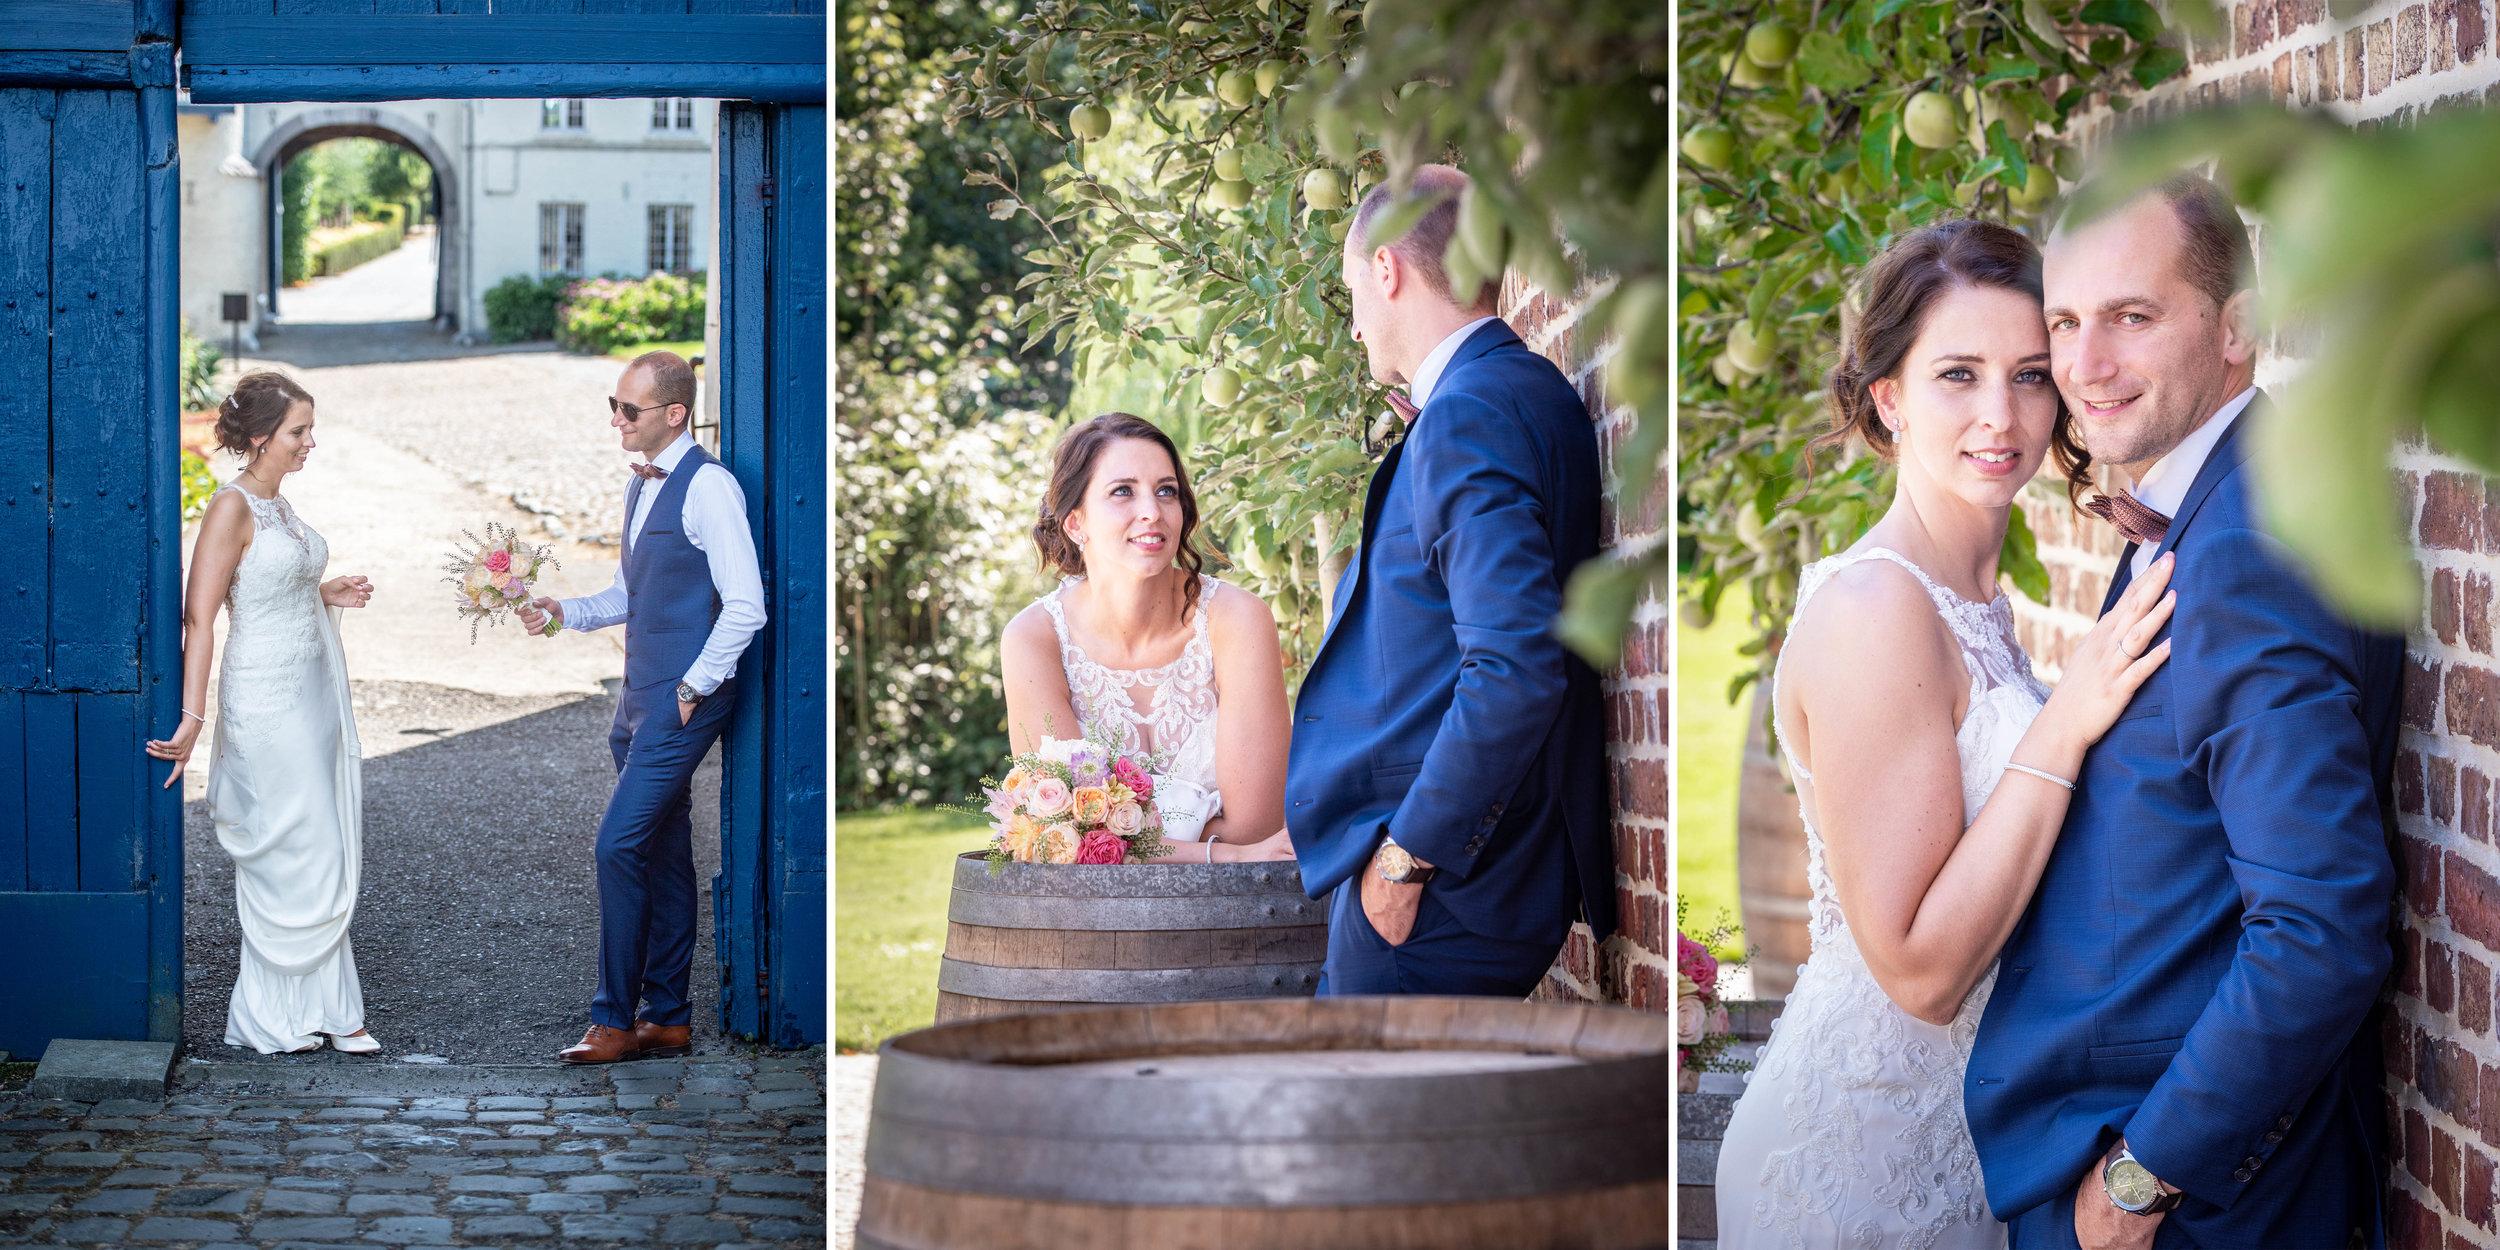 Huwelijksfotograaf, Bilzen, België